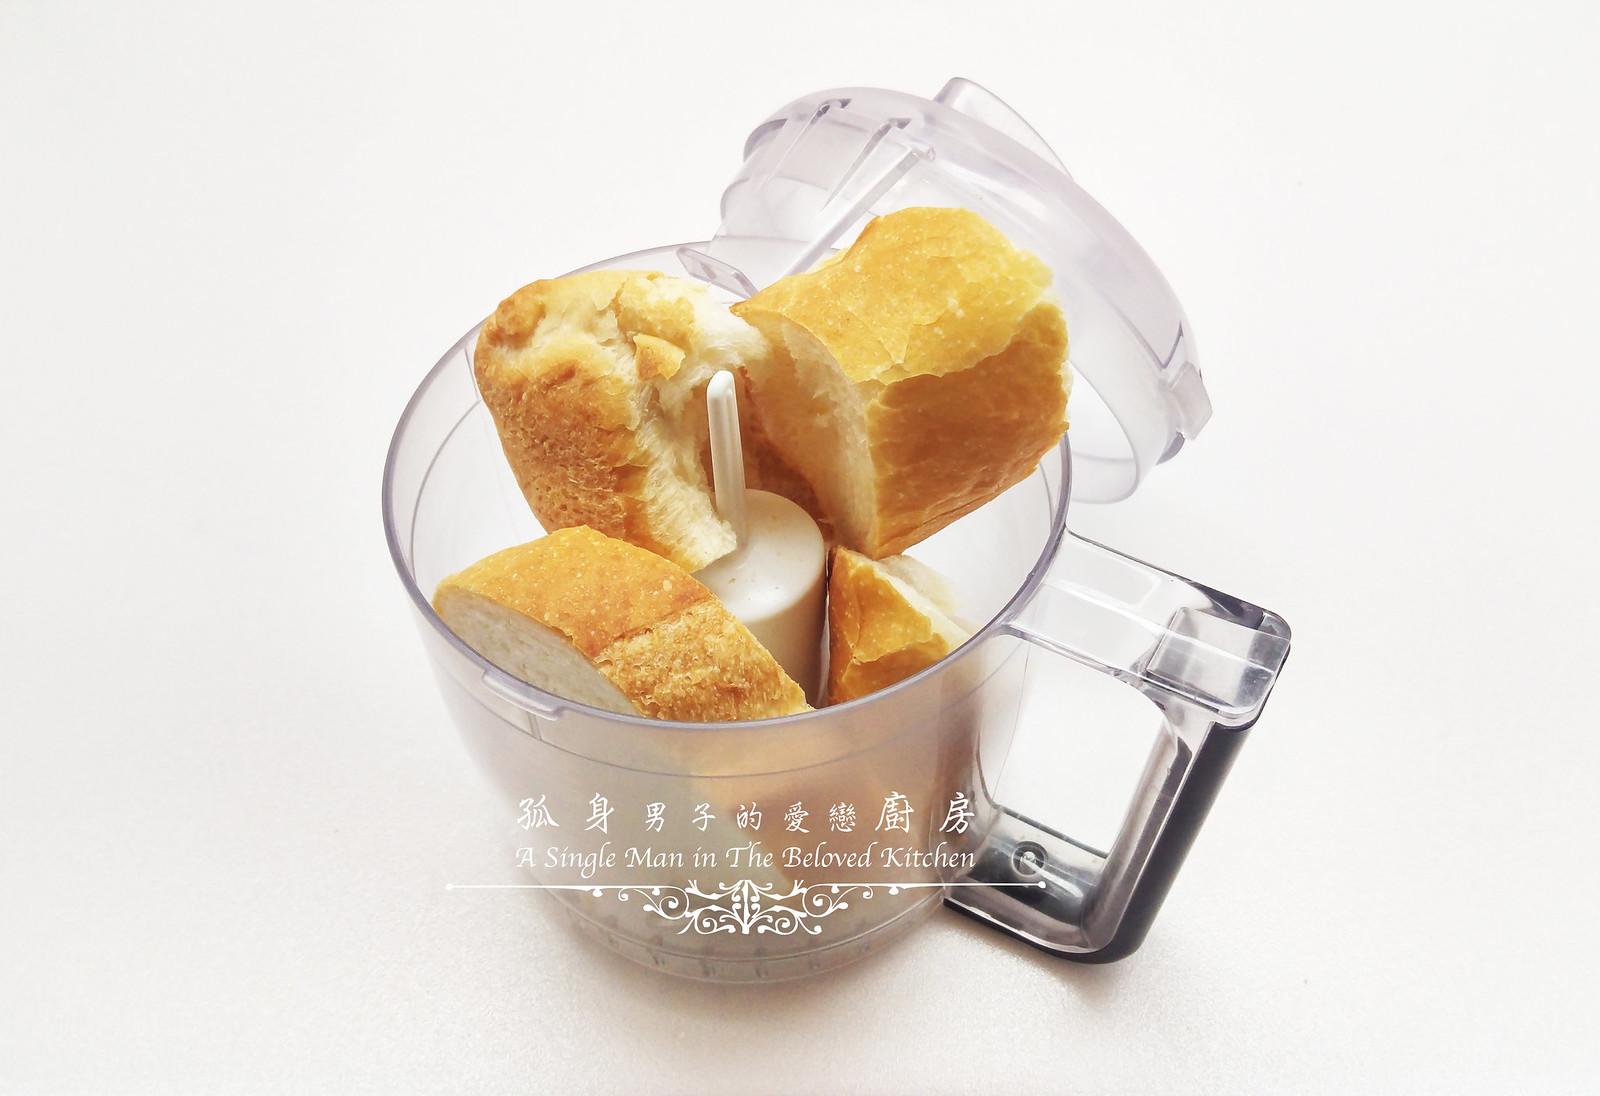 孤身廚房-青醬帕瑪森起司鑲烤朝鮮薊佐簡易油醋蘿蔓沙拉7